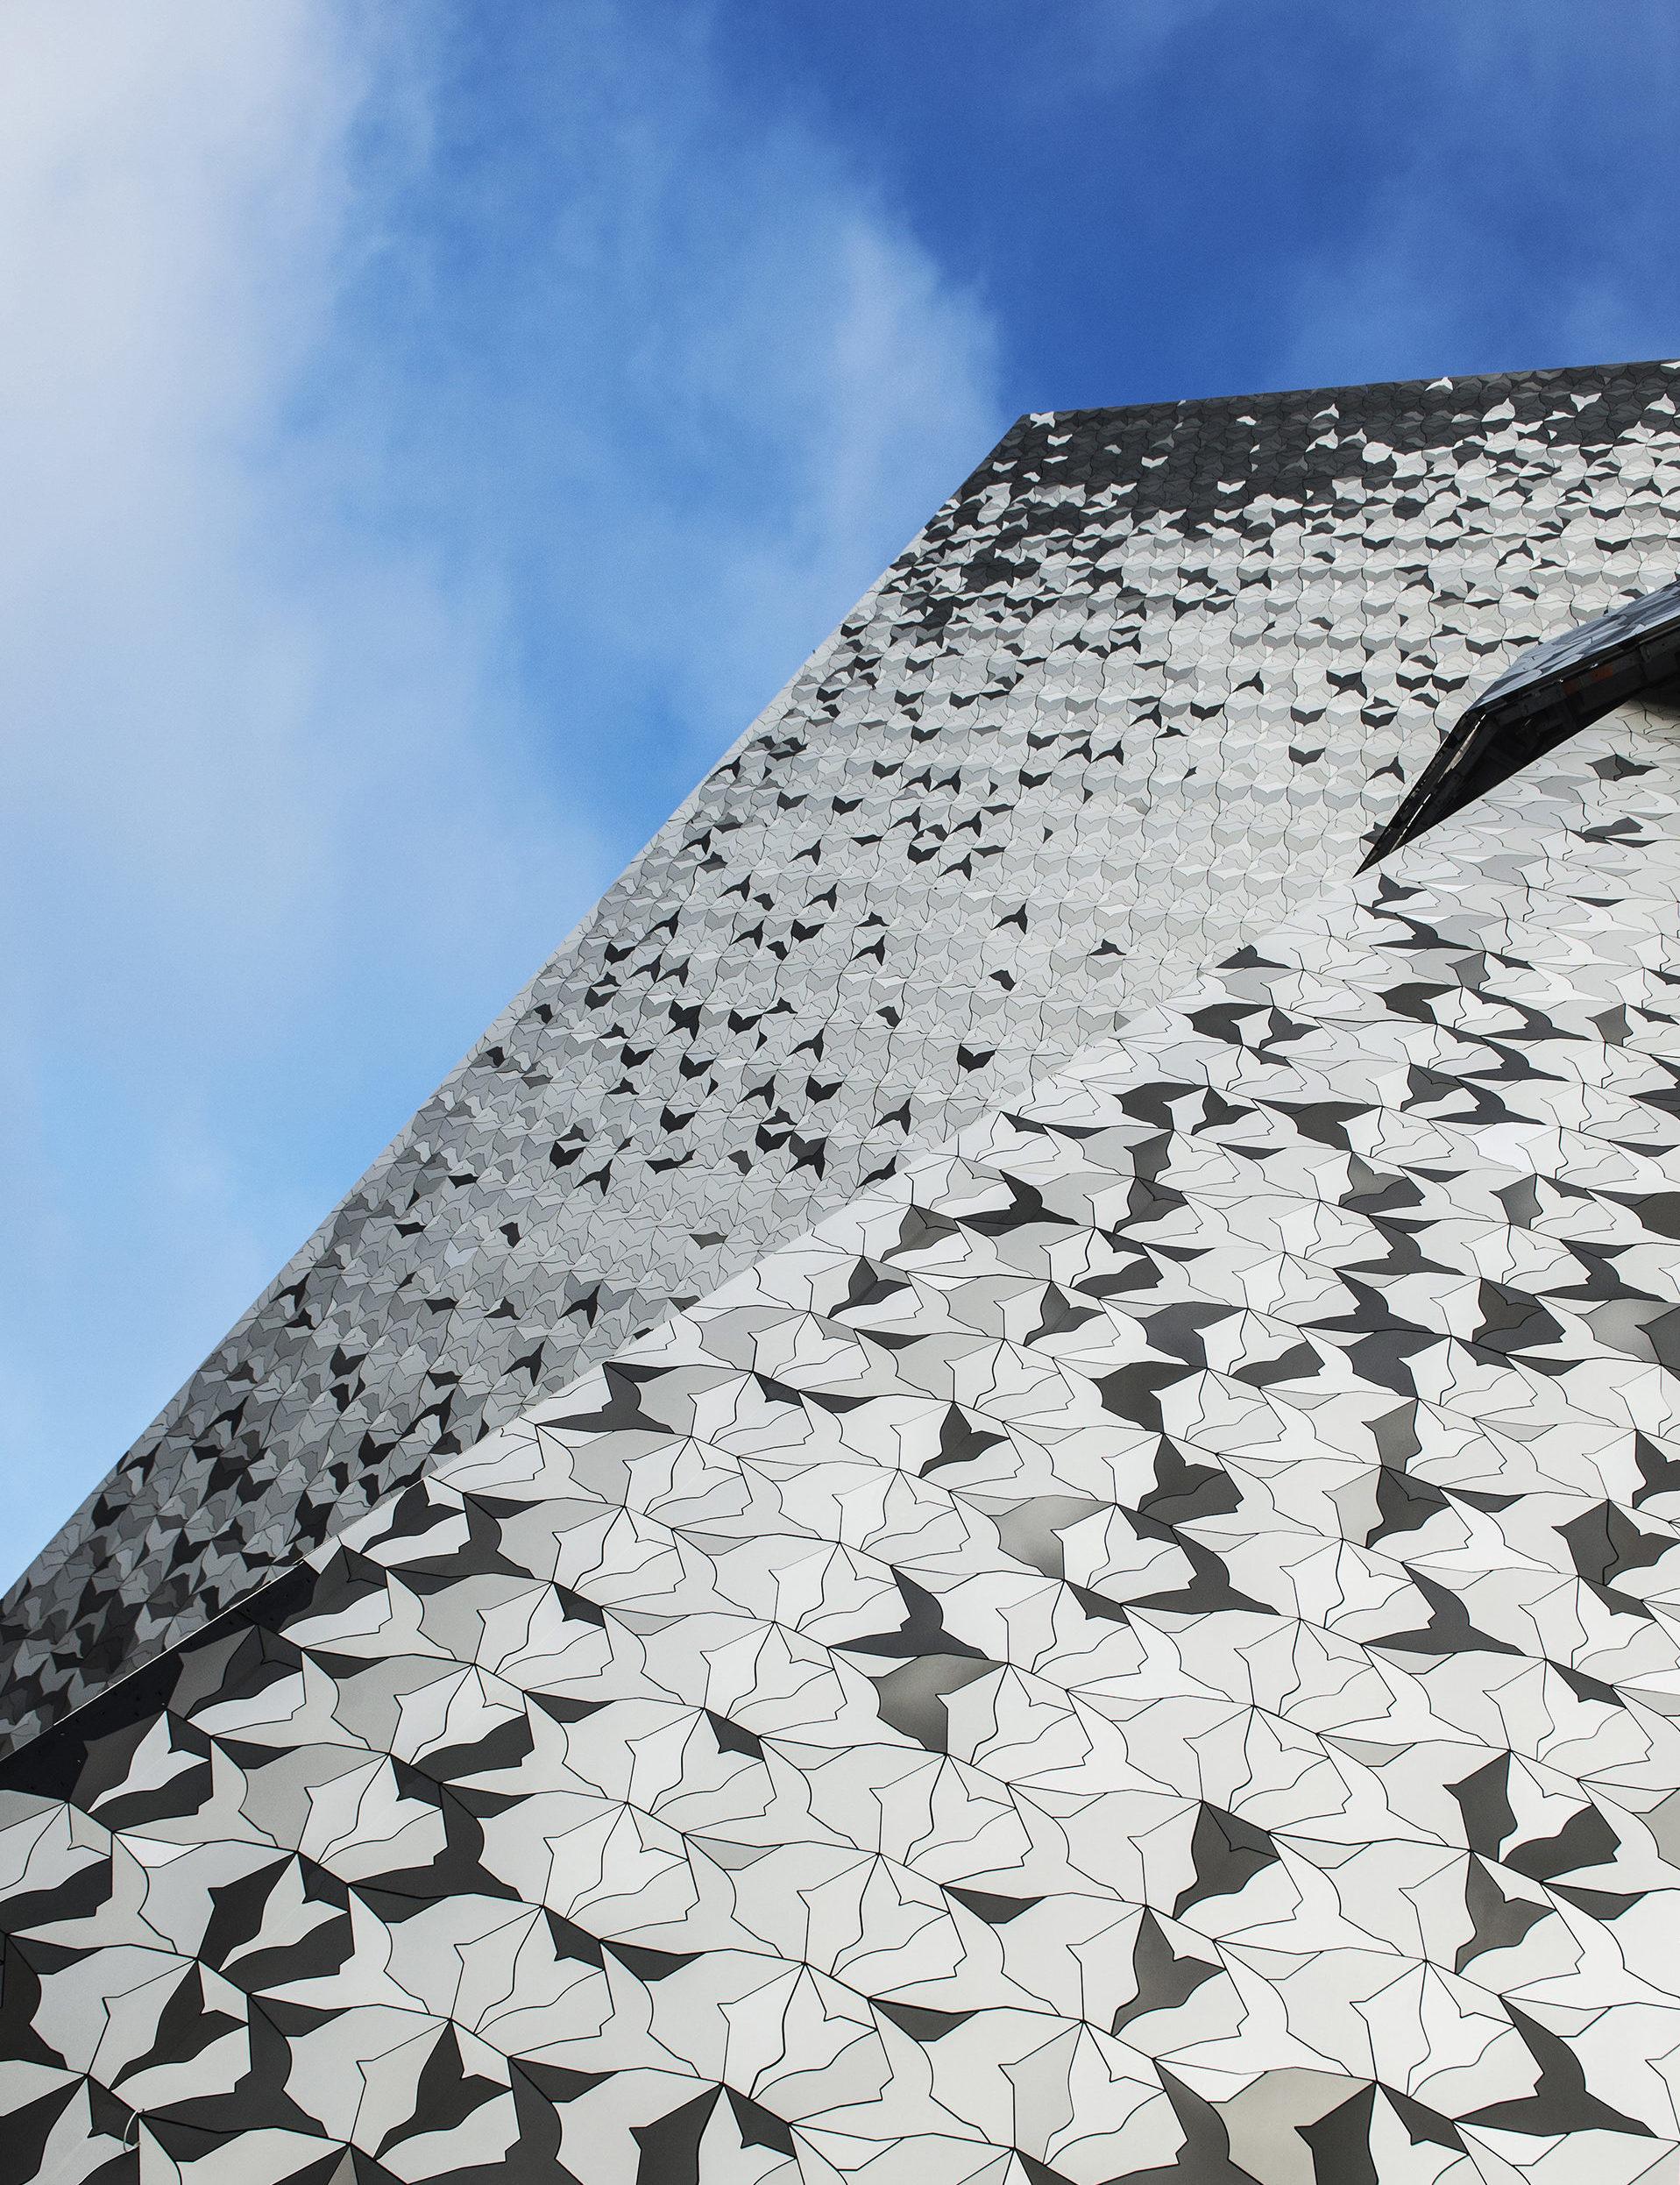 Philharmonie de Paris, Dach mit stilisierten Vogel-Silhouetten